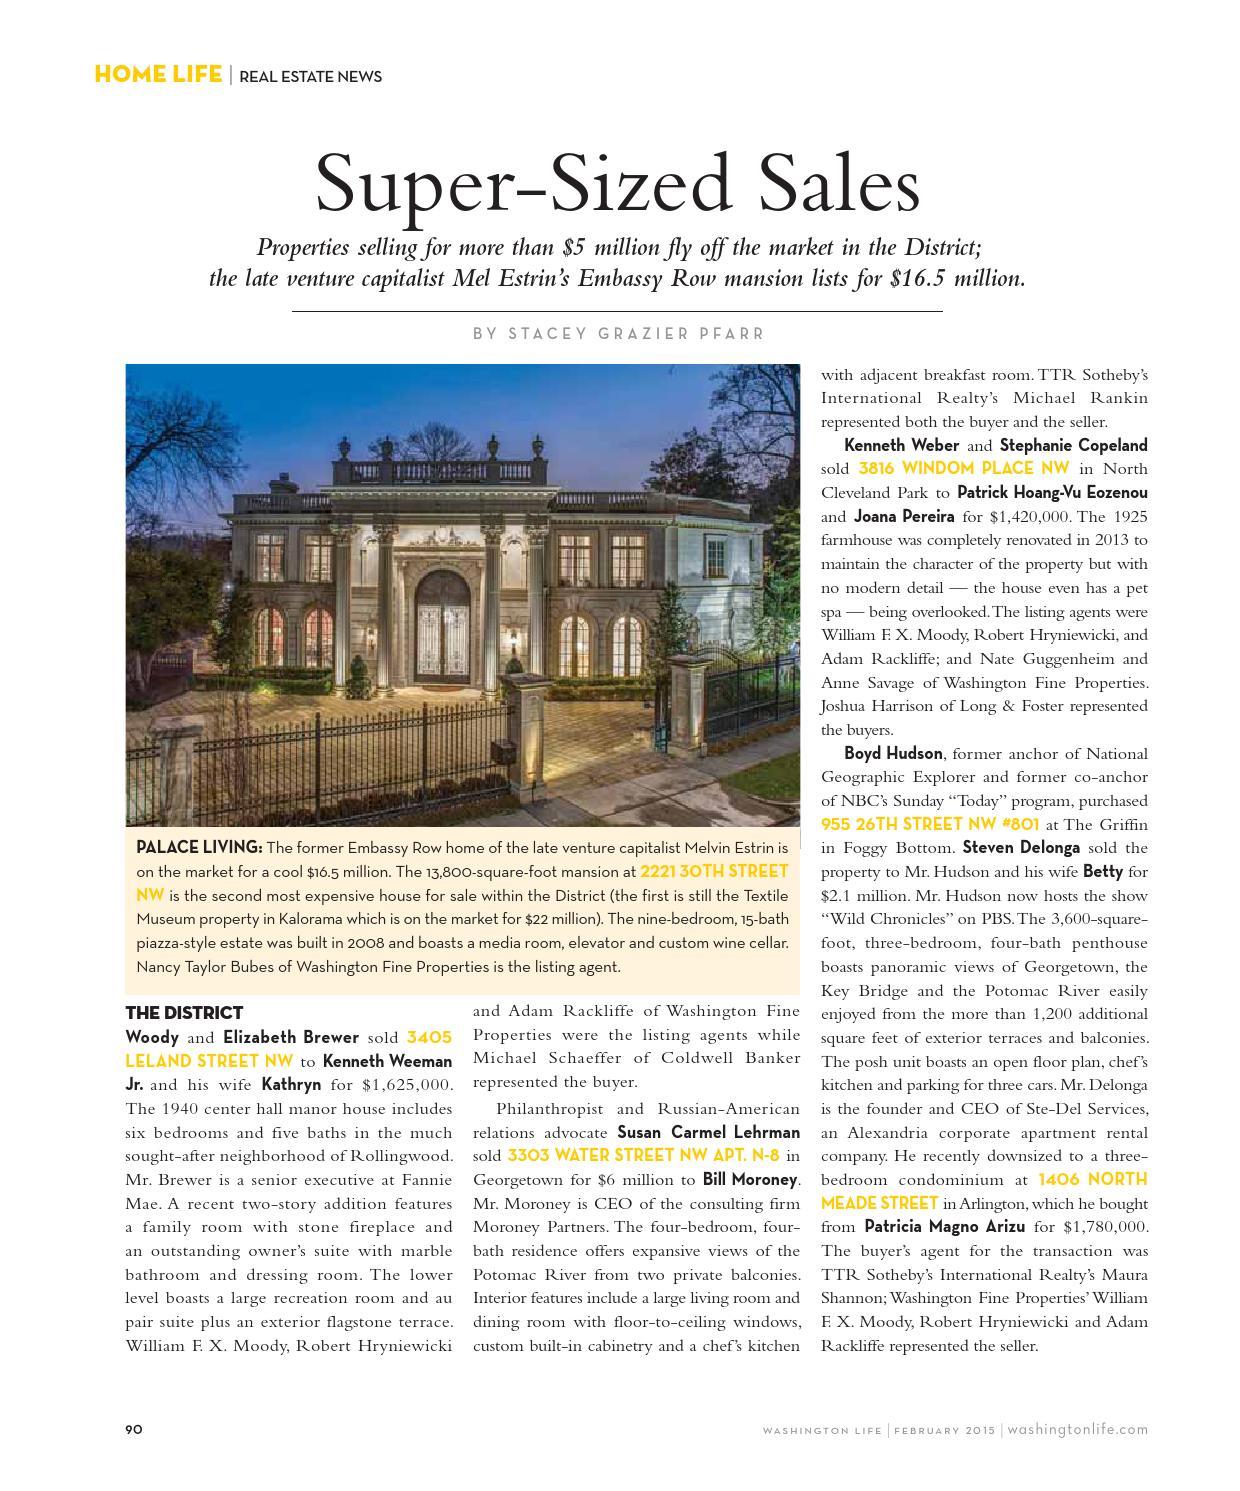 Washington Life Magazine - February 2015 by Washington Life Magazine